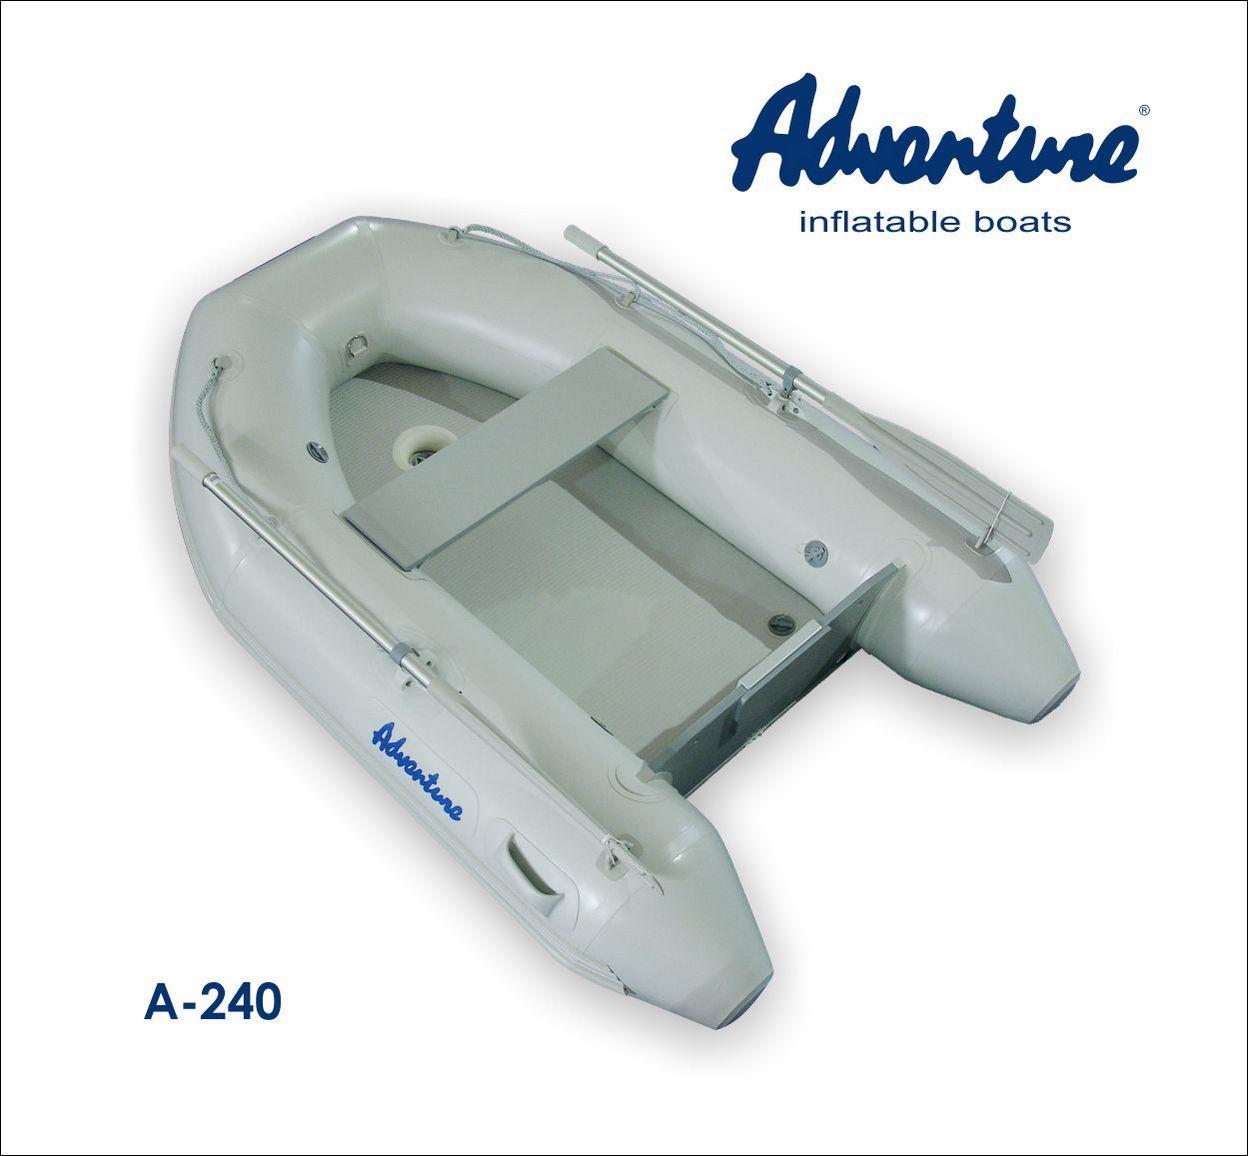 Надувная лодка Adventure Arta A-240 - фото 1